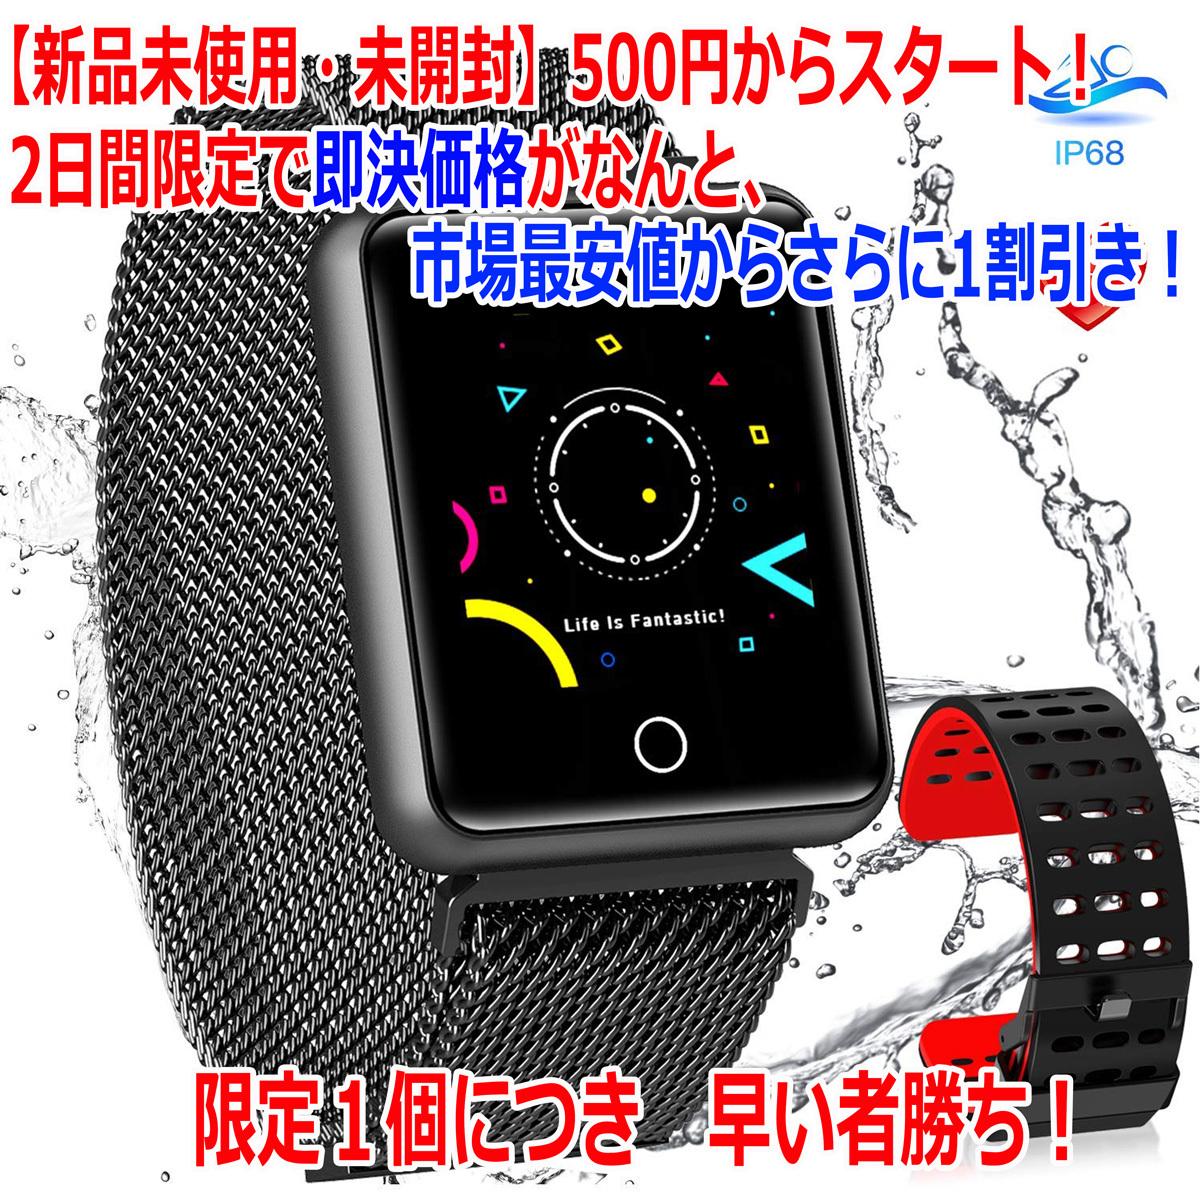 ★☆AGPTEK 2019最新 スマートウォッチ IP67防水 スマートブレスレット Bluetooth機能搭載 歩数計 タッチ操作【S0625】☆★